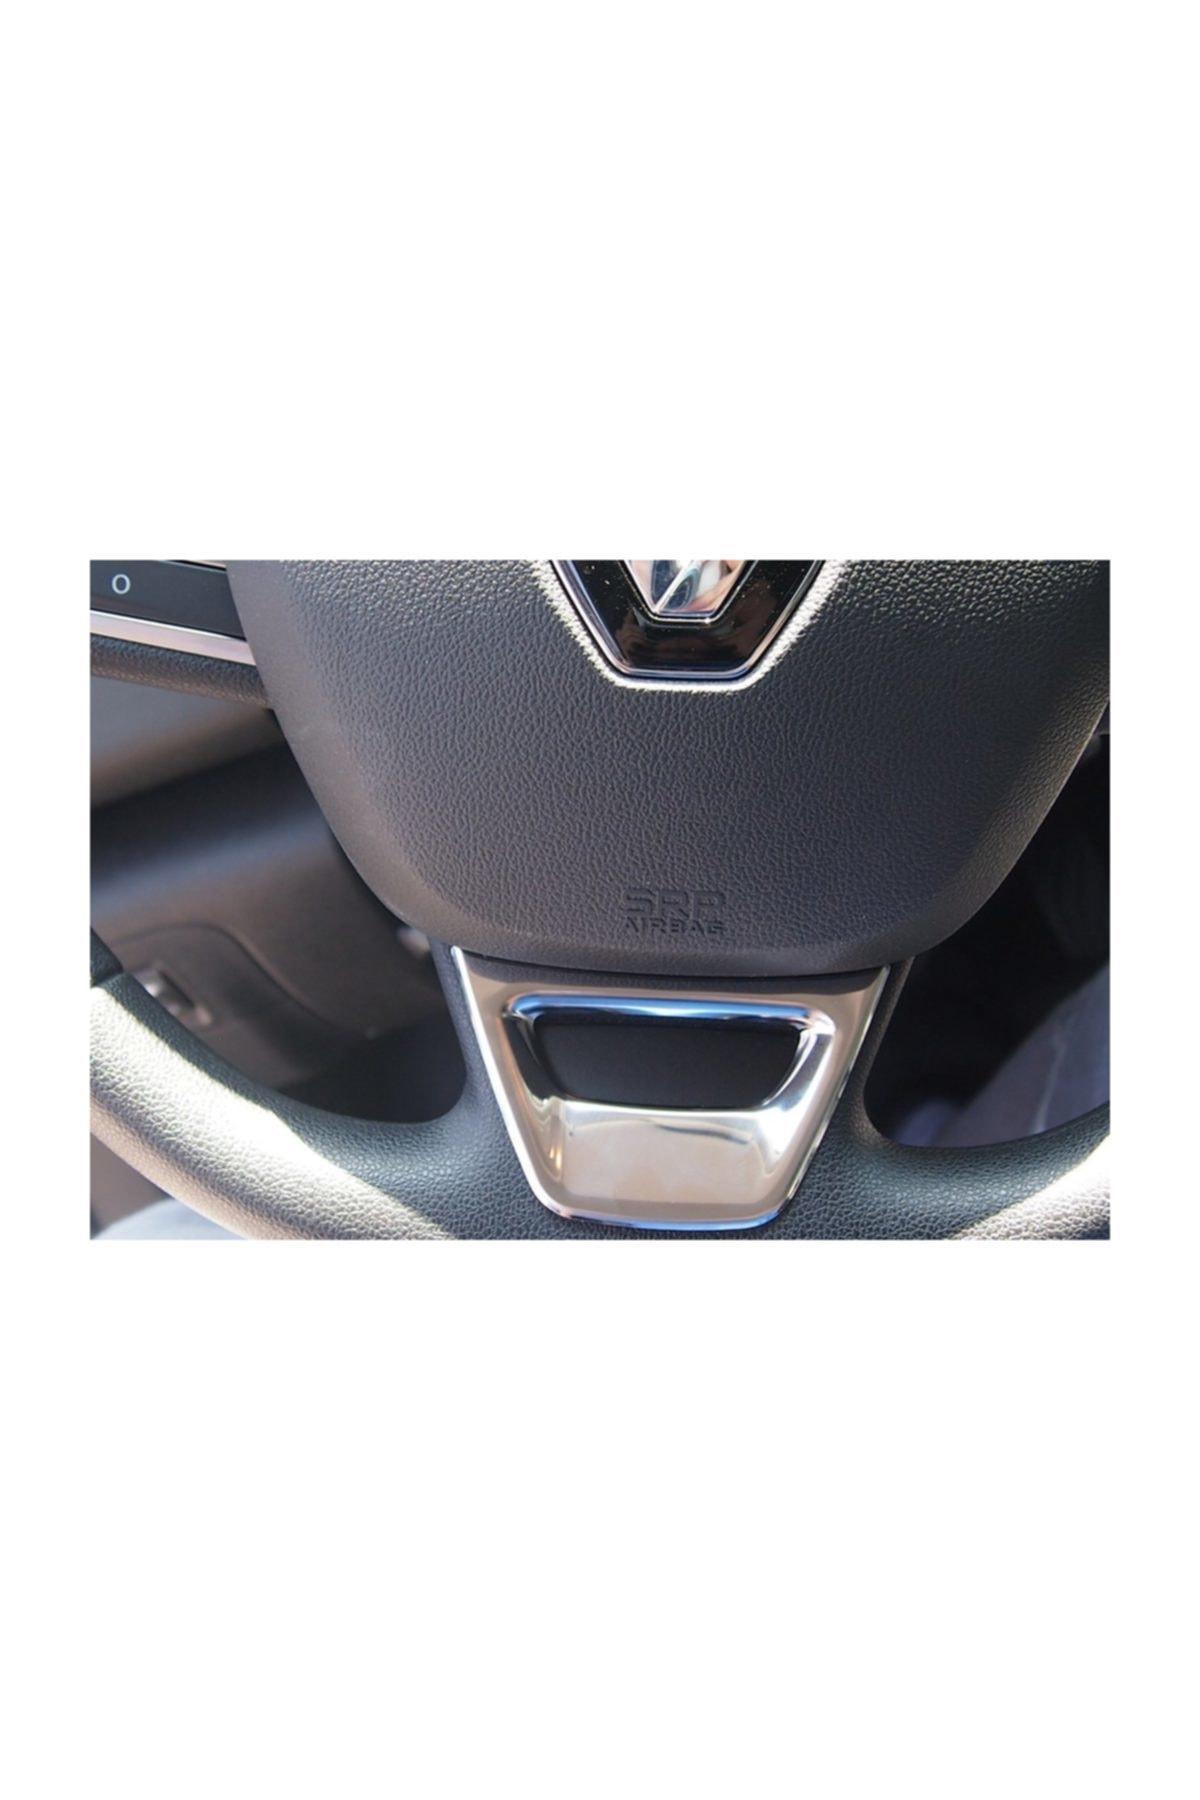 Omsa Renault Megane 4 Hb/sedan Mat Direksiyon Kromu 2016 Ve Sonrası 2